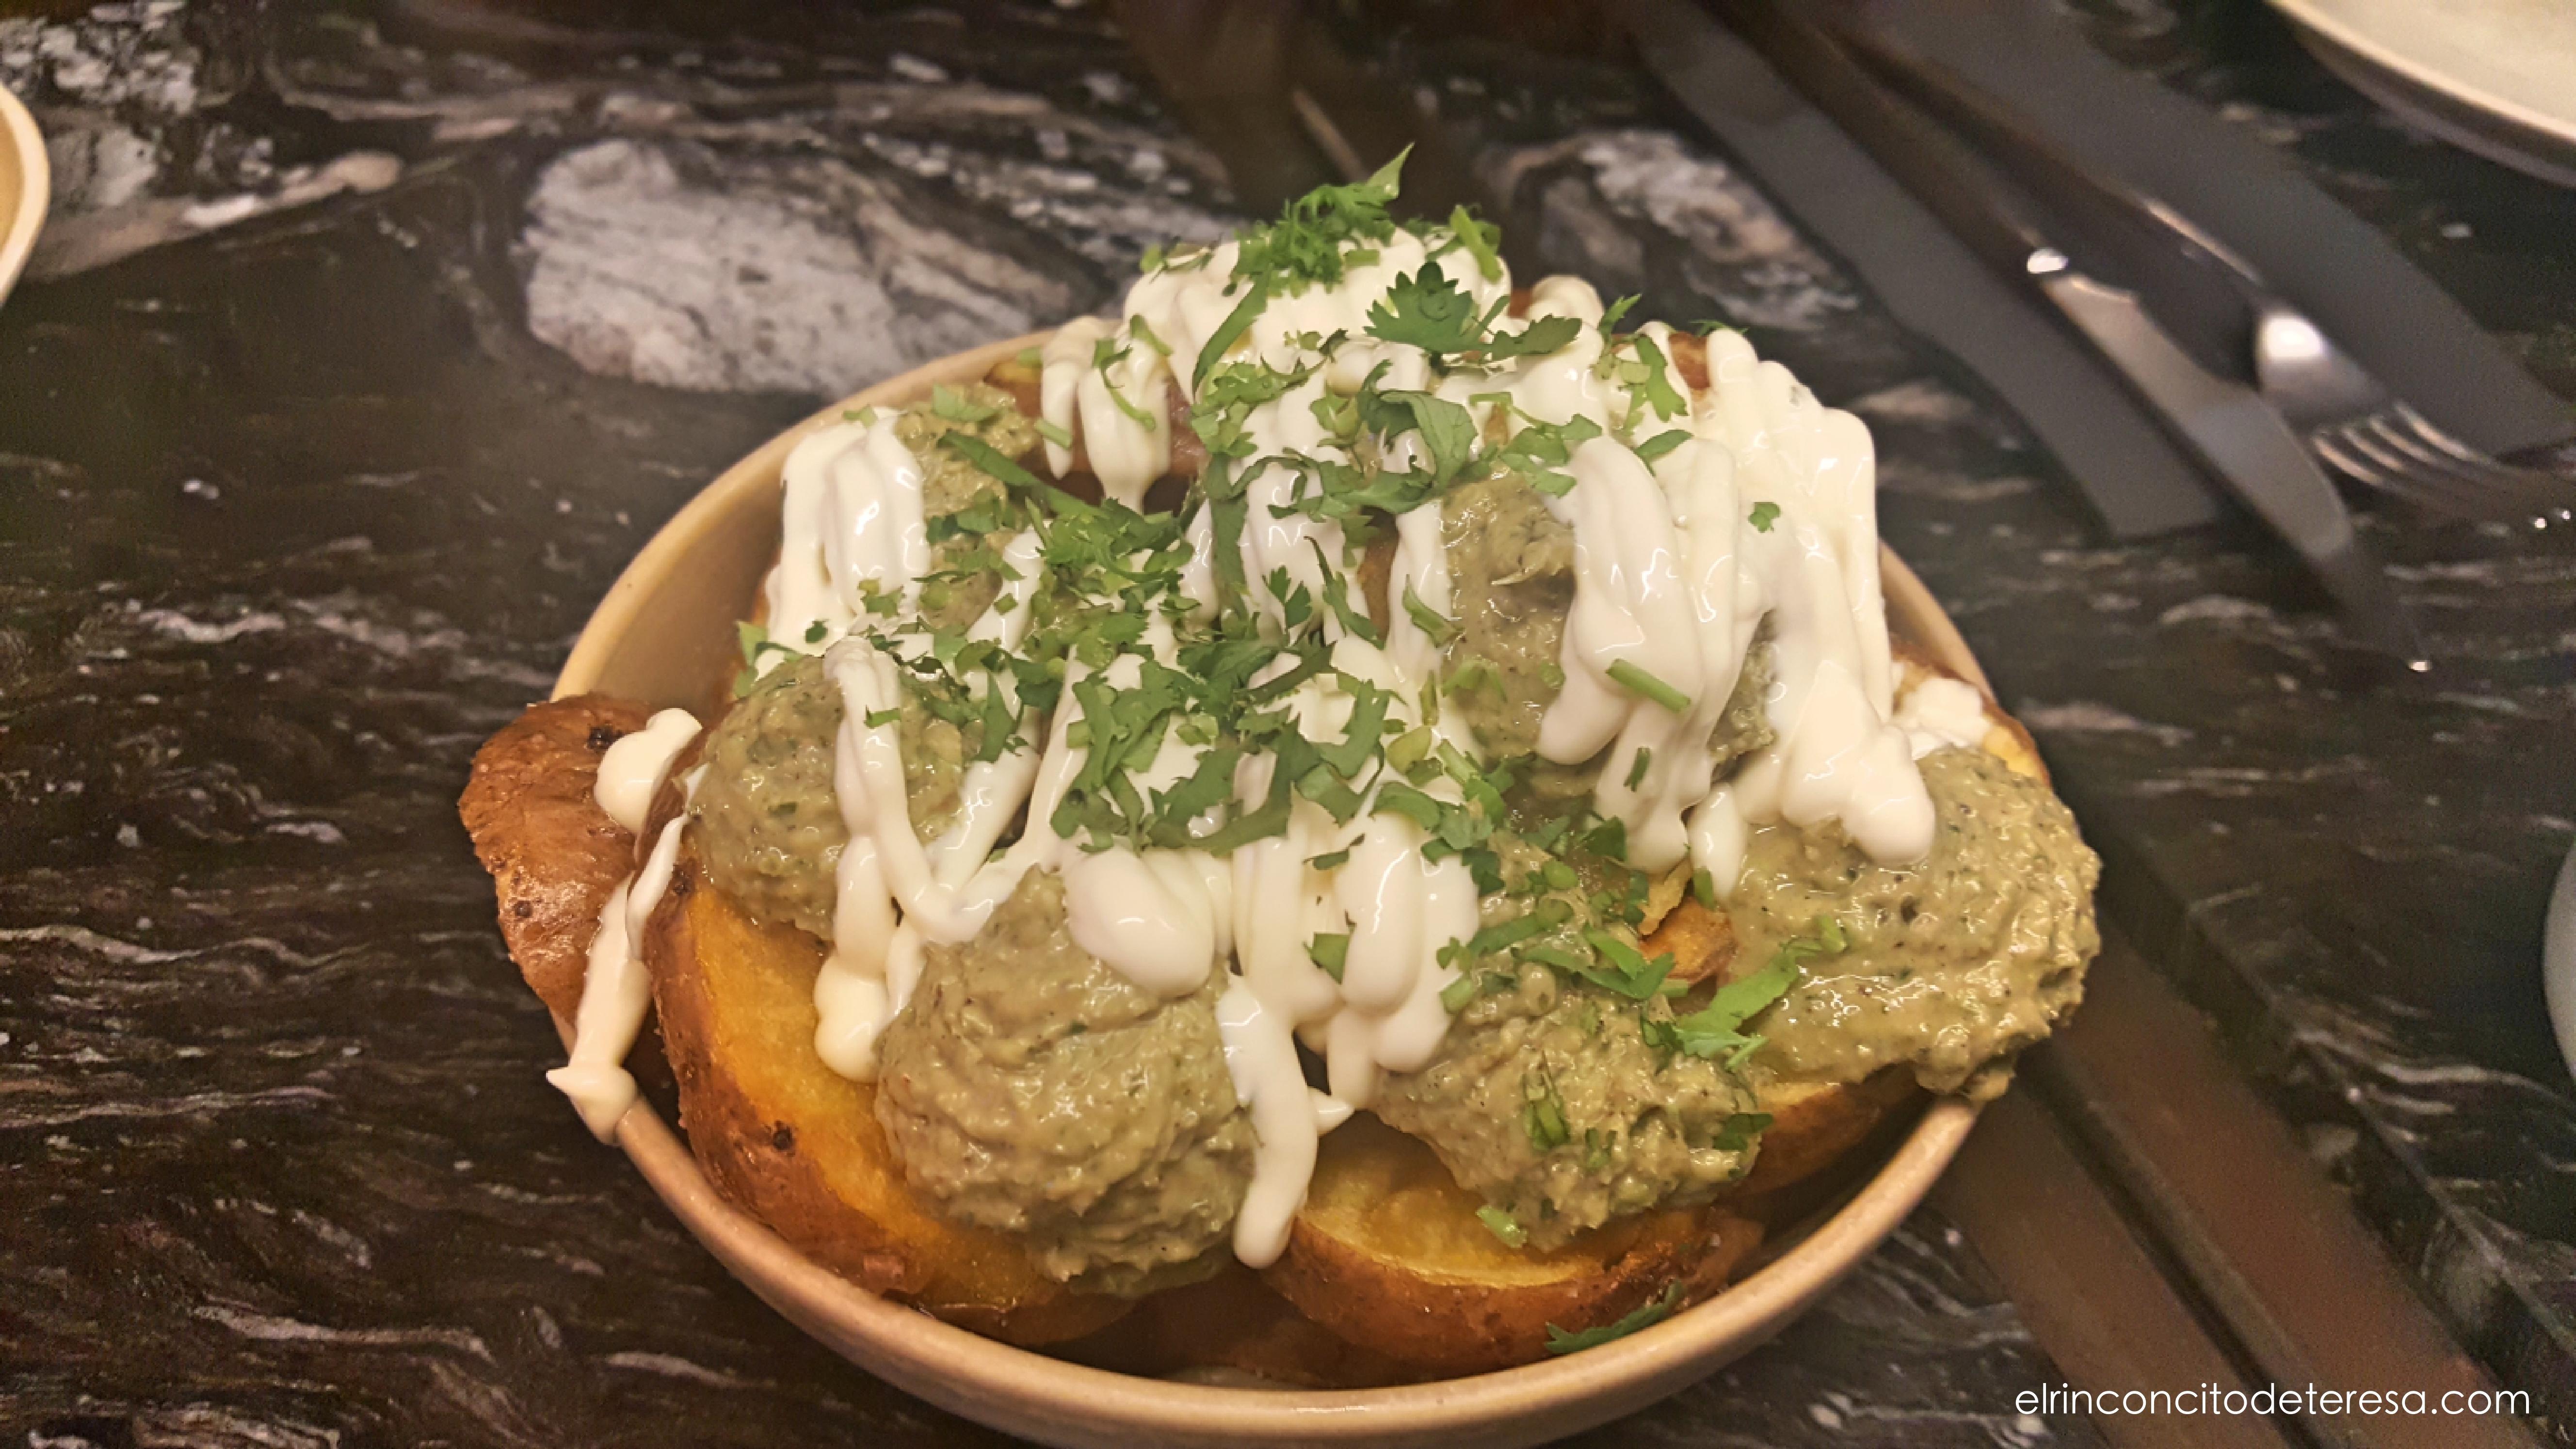 enkel-patatas-bravas